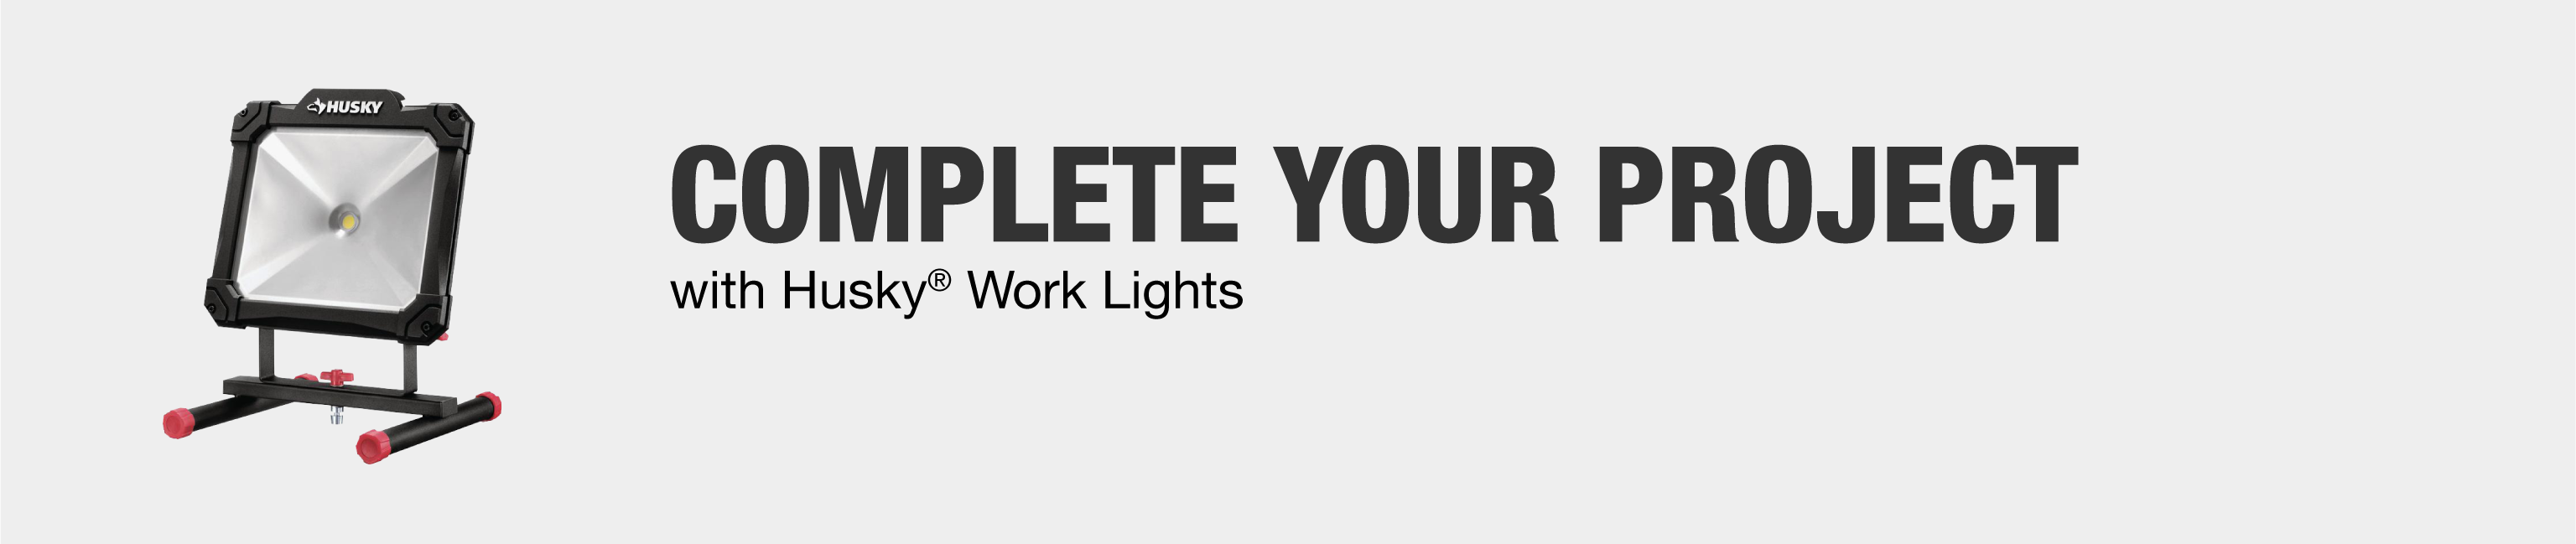 Husky worklights